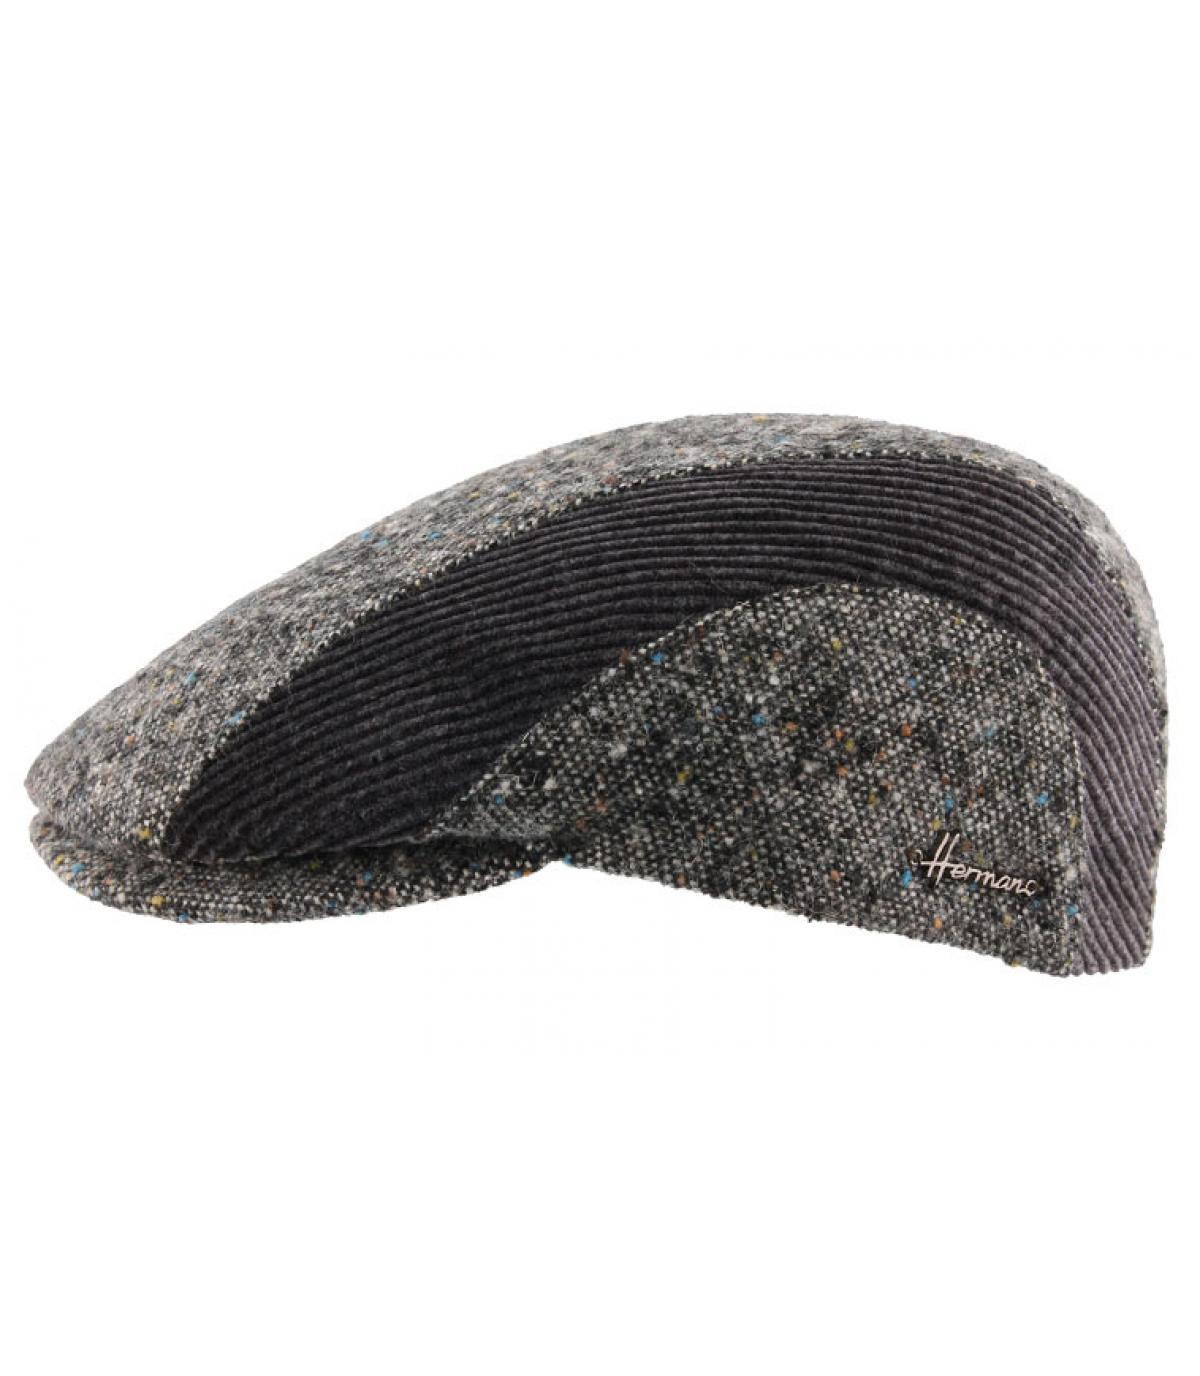 Détails Range Wool Corduroy grey - image 2